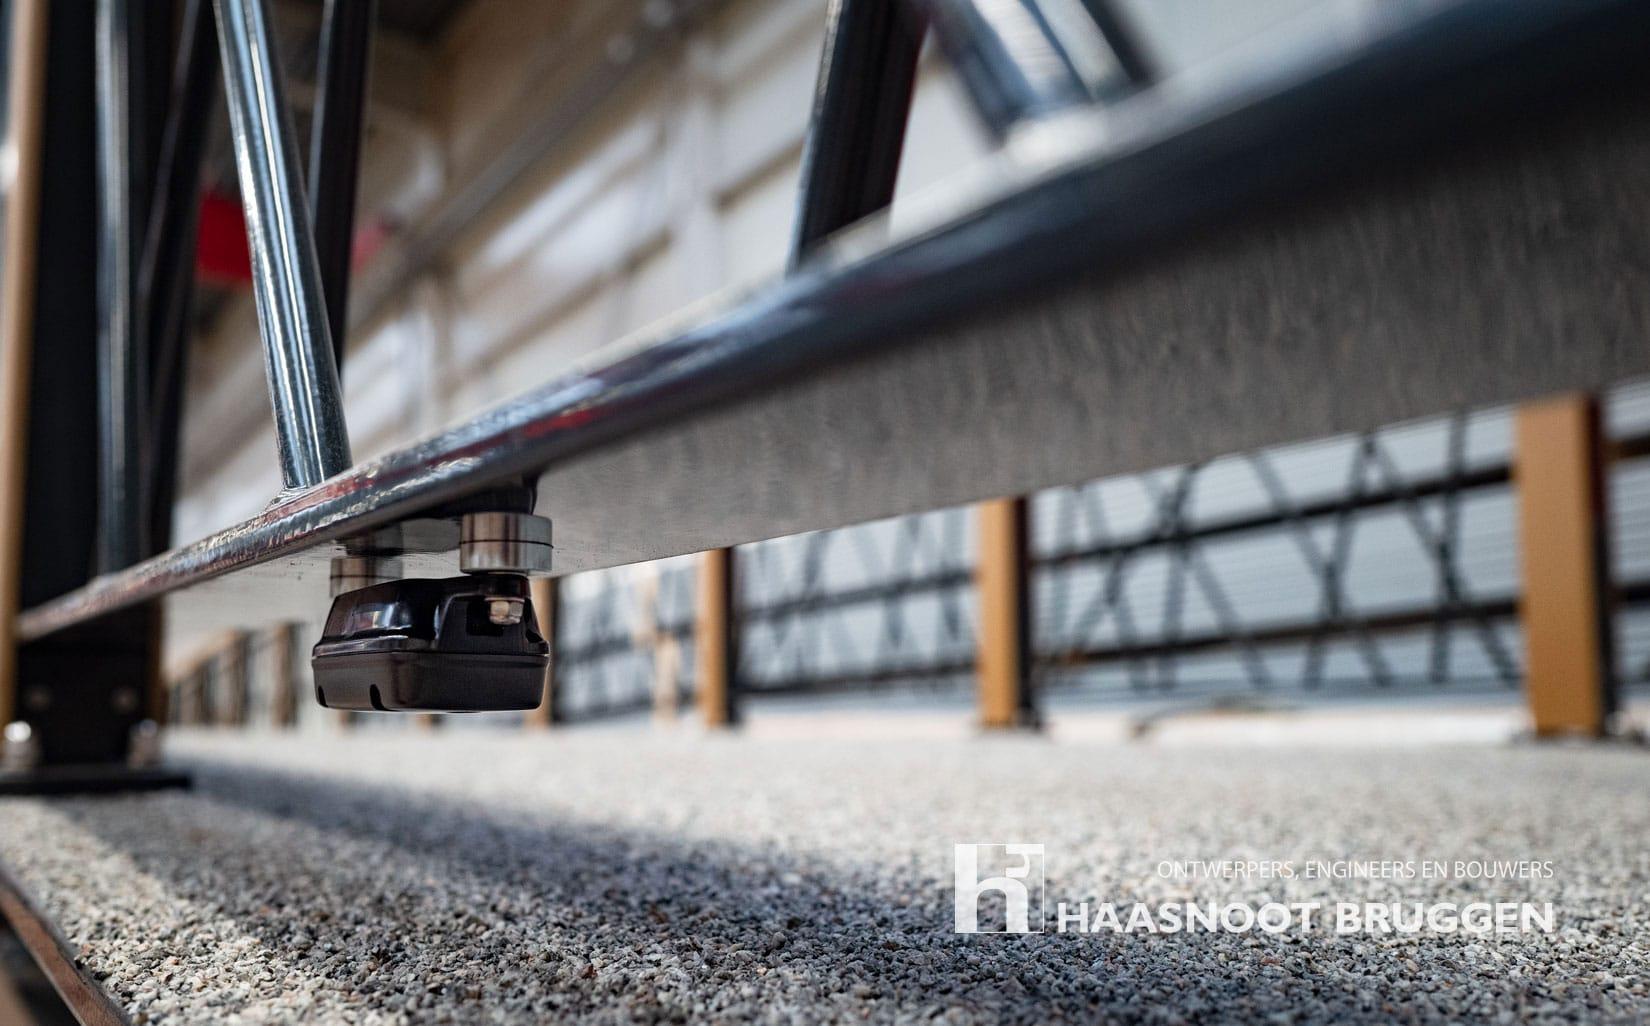 slimme bruggen sensor van Haasnoot Bruggen